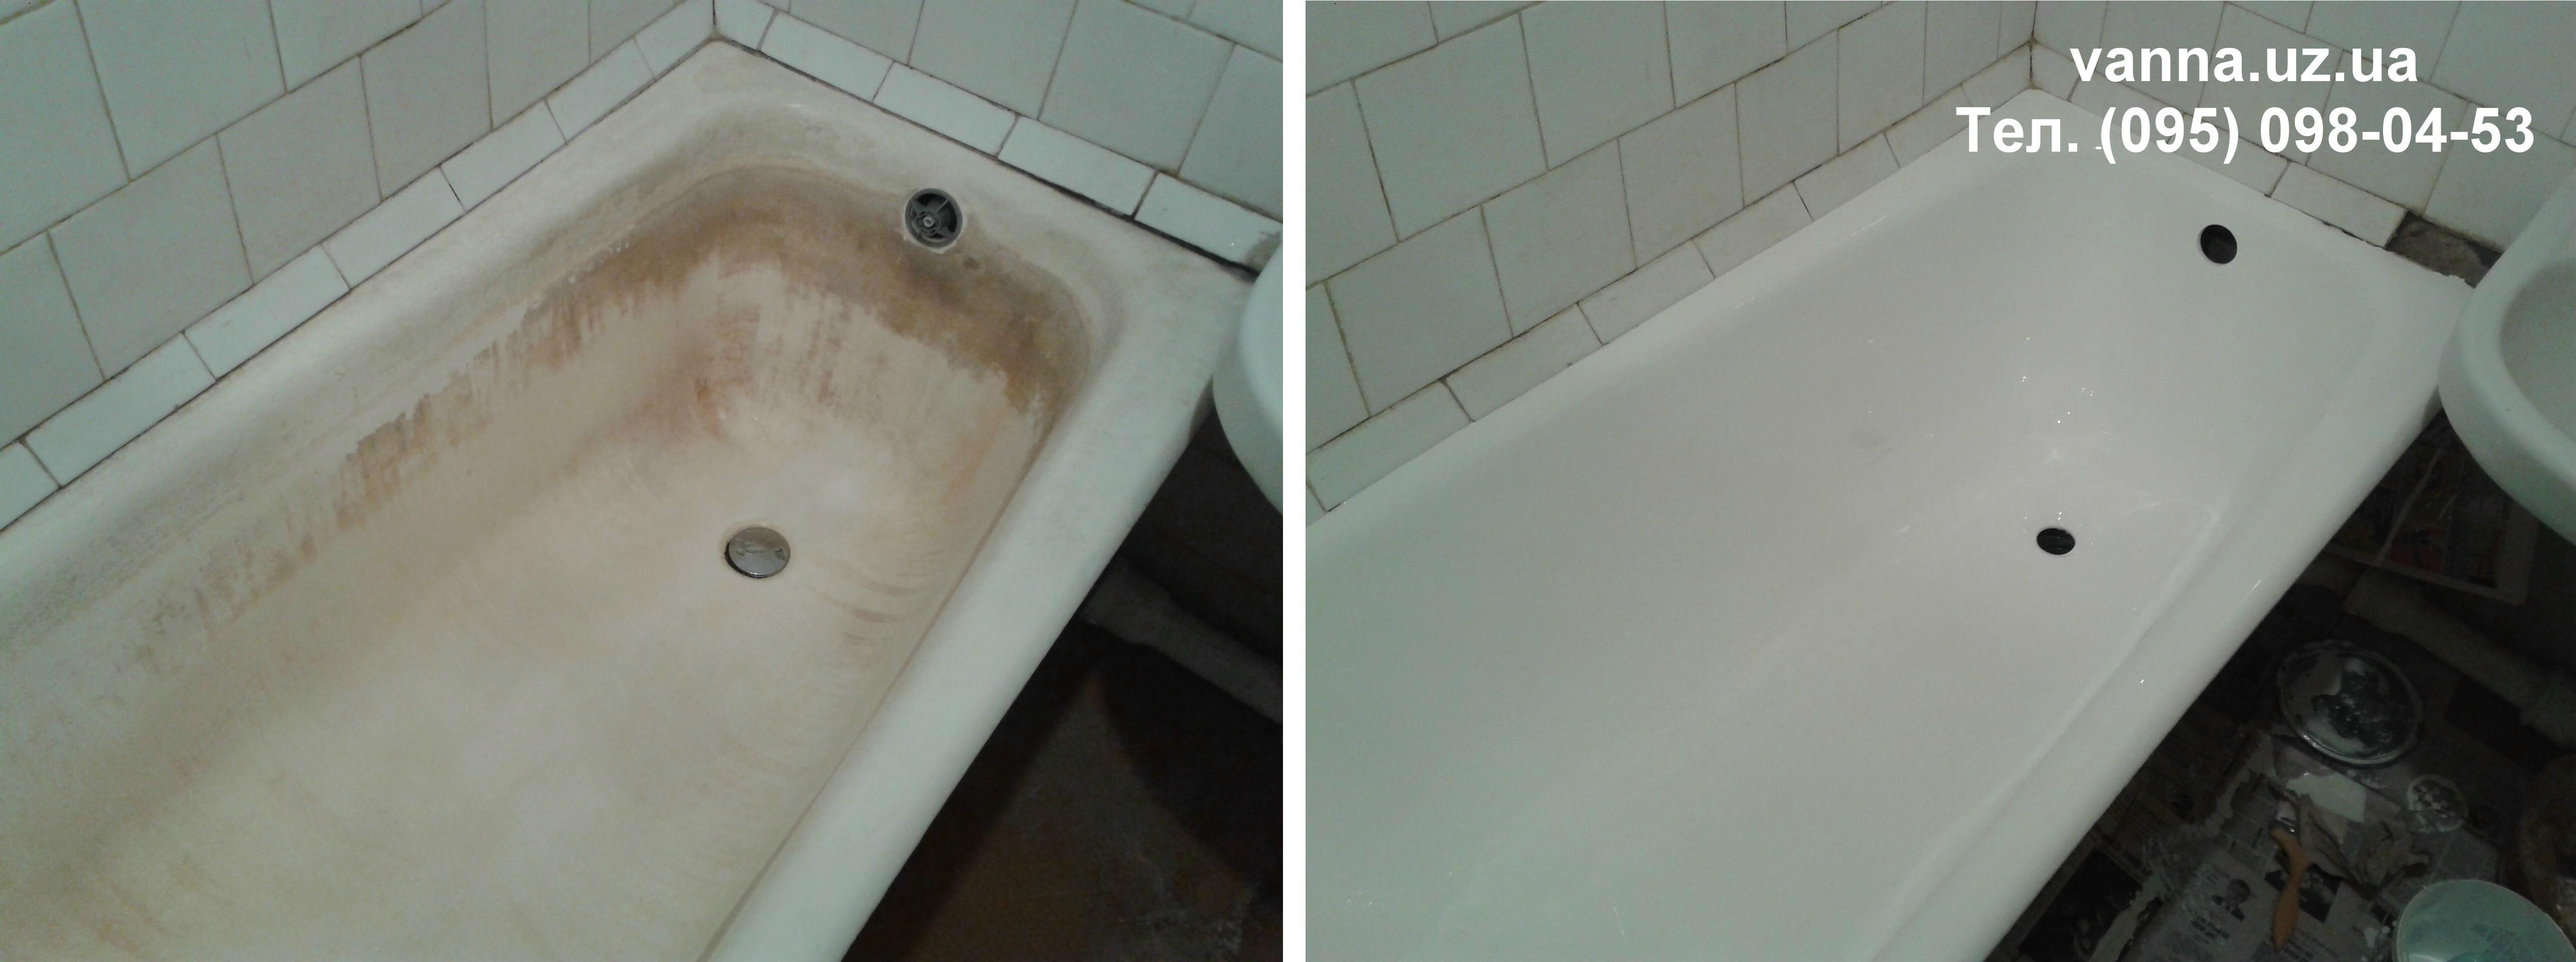 реставрація ванн ужгород